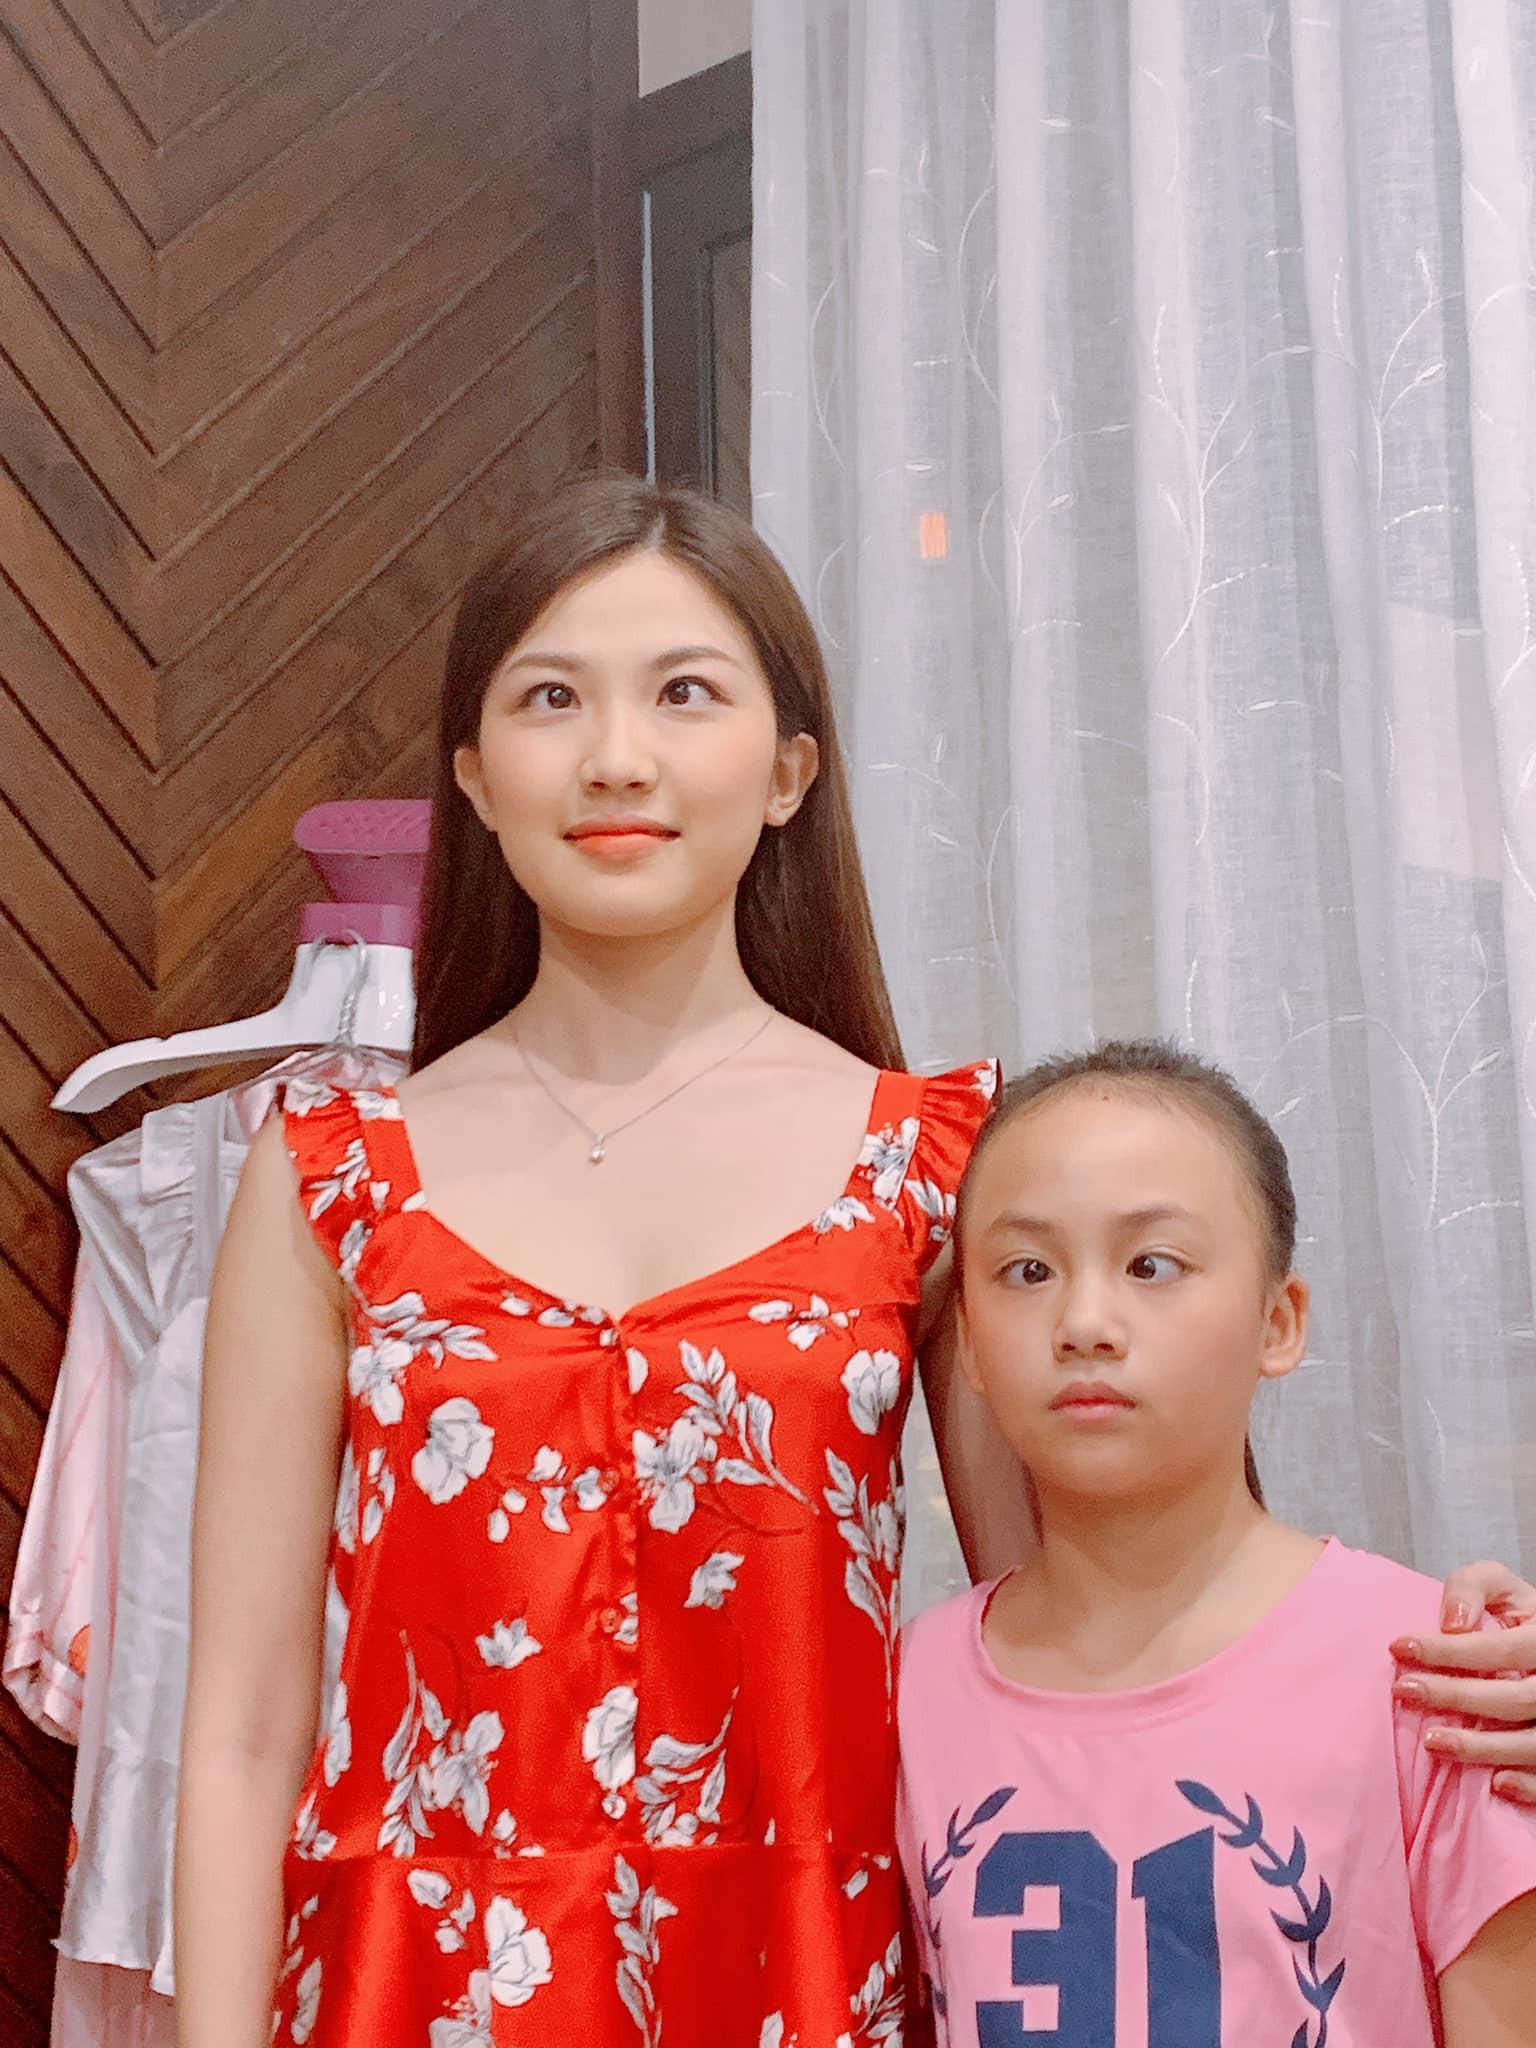 VZN News: Tiểu tam đỉnh cao nhất màn ảnh Việt: Đến tận nhà rủ mẹ chồng và con riêng tương lai làm trò - Ảnh 8.